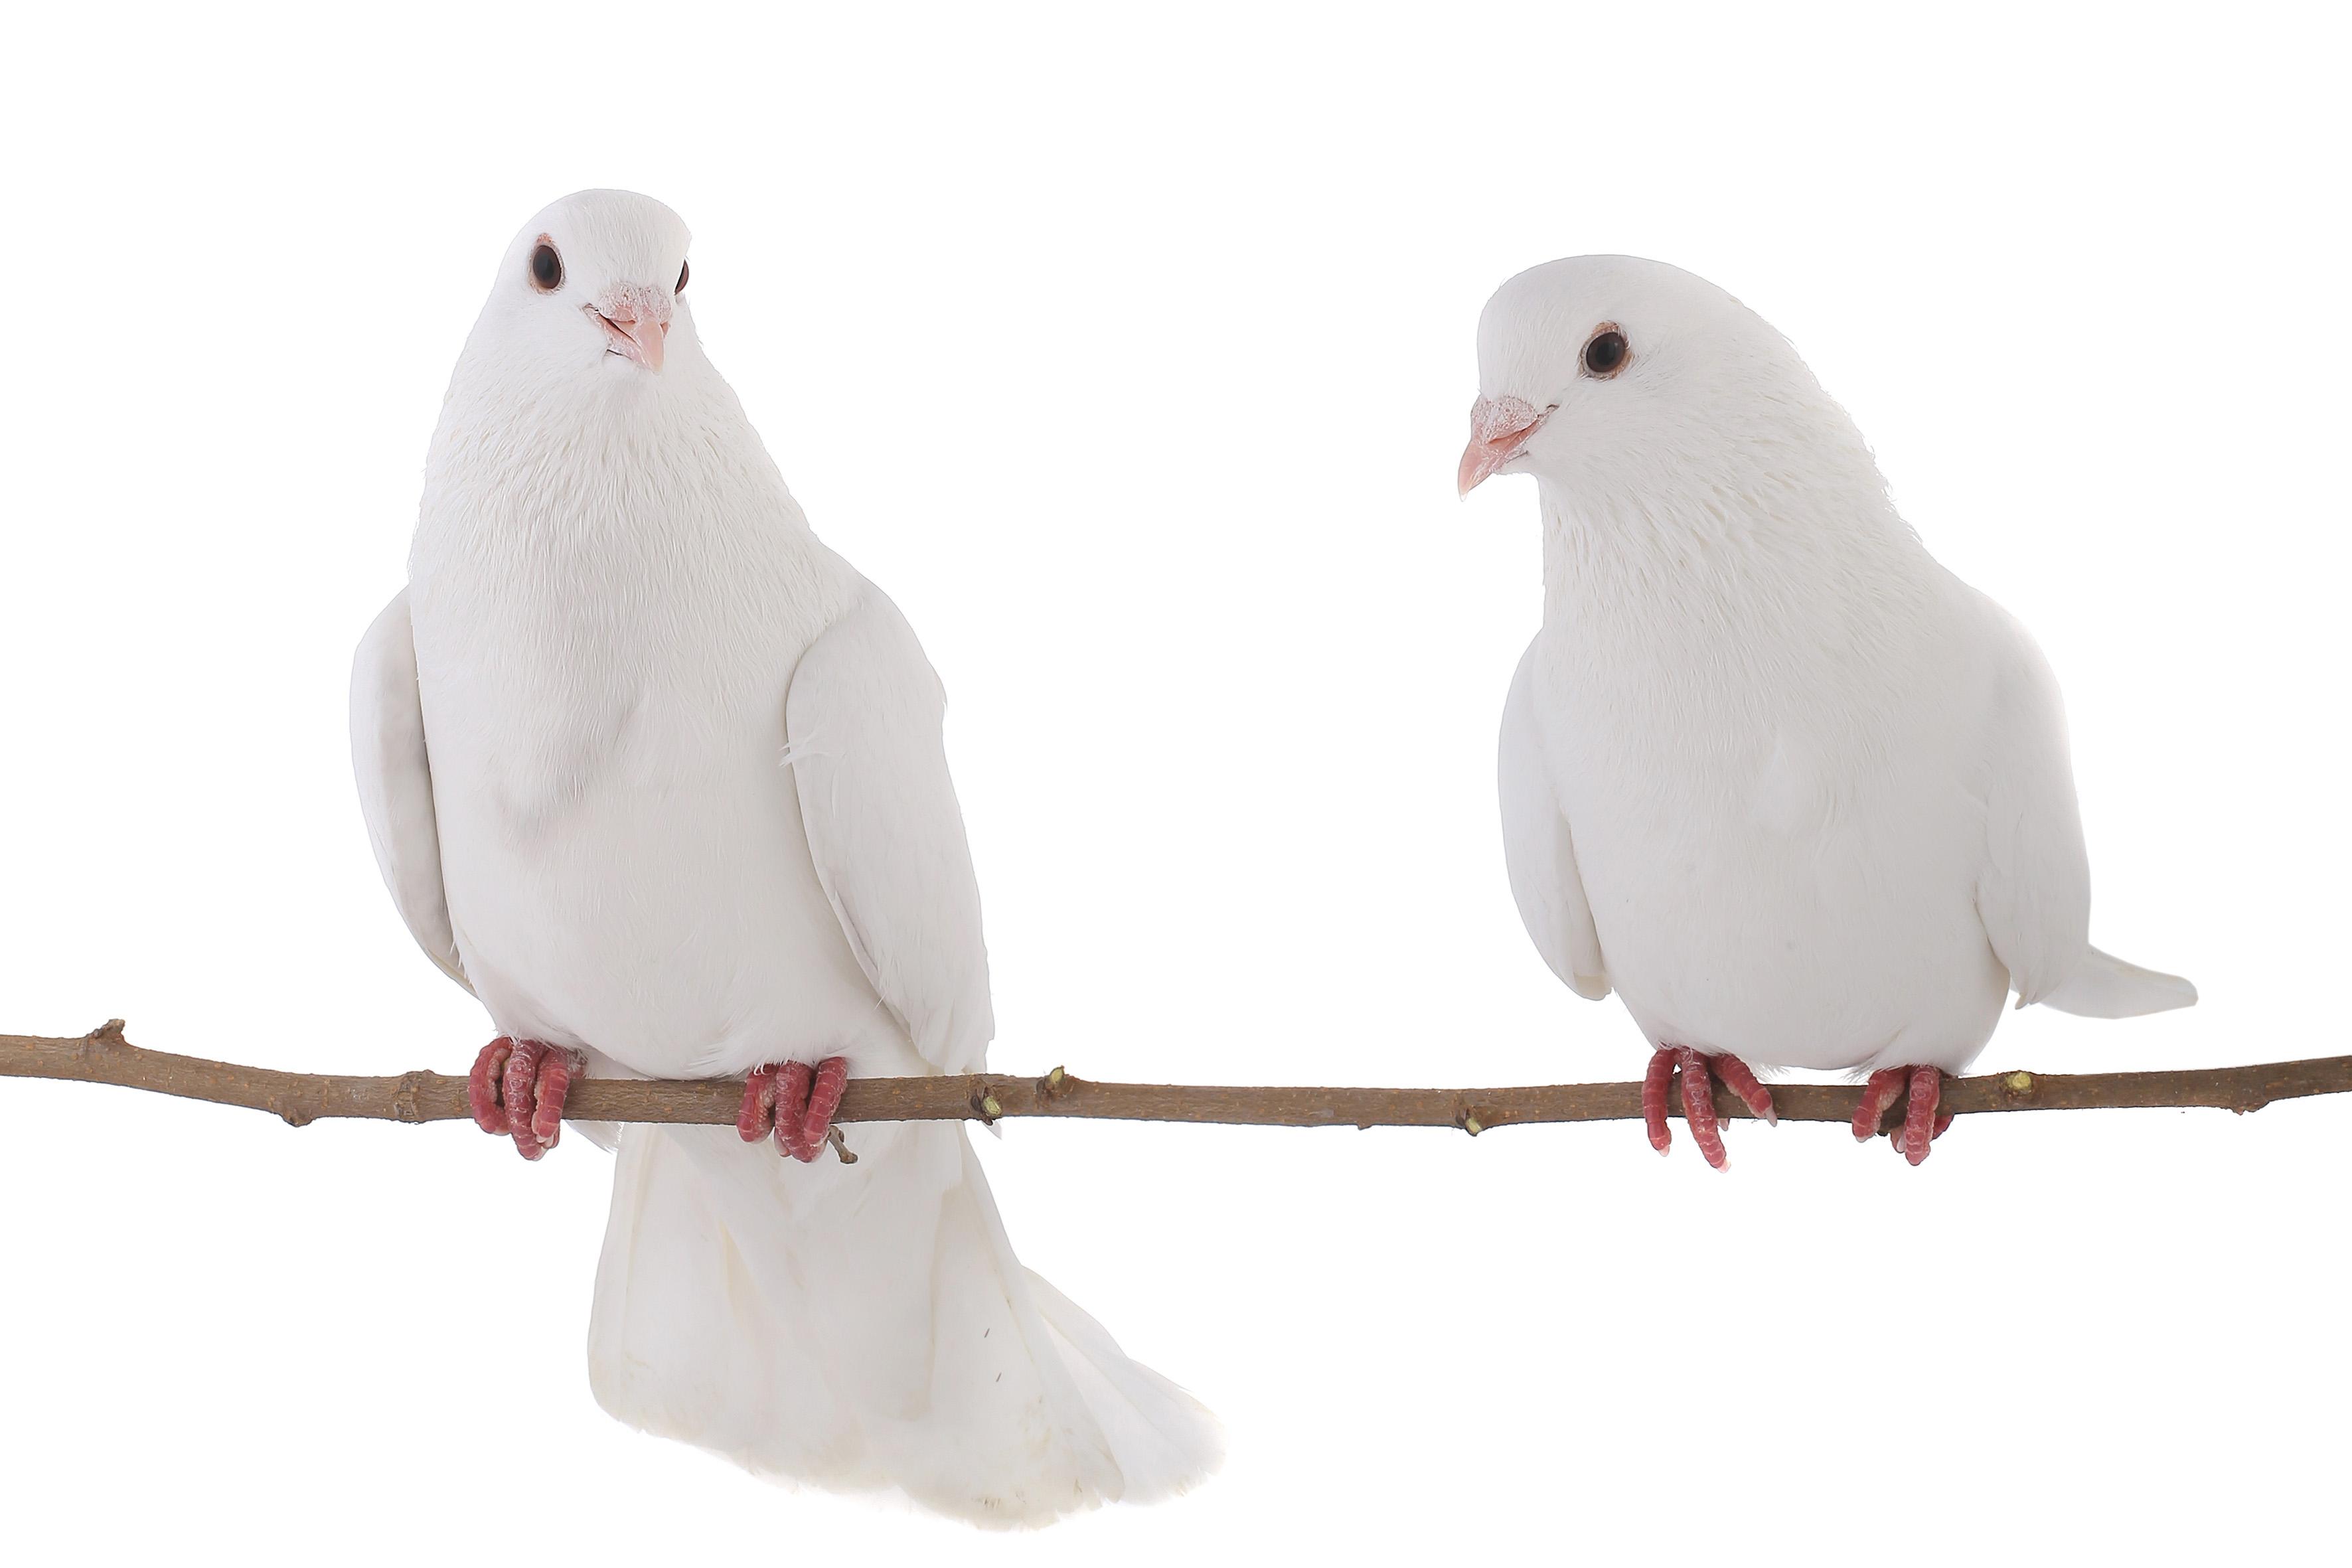 دو کبوتر نشسته روی شاخه